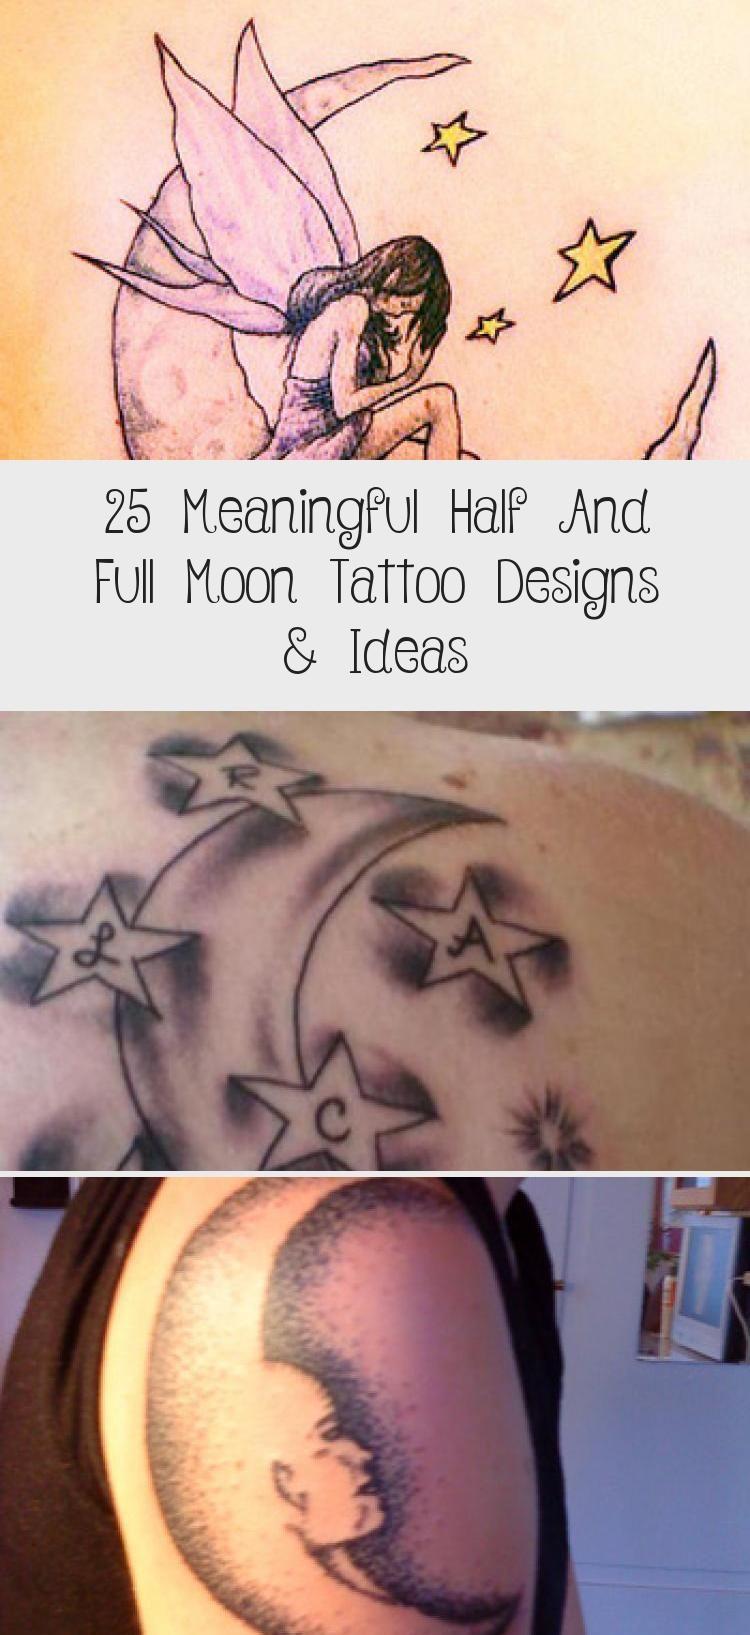 Photo of 25 idées et conceptions de tatouage significatives pour la moitié et la pleine lune – Meilleur tatouage